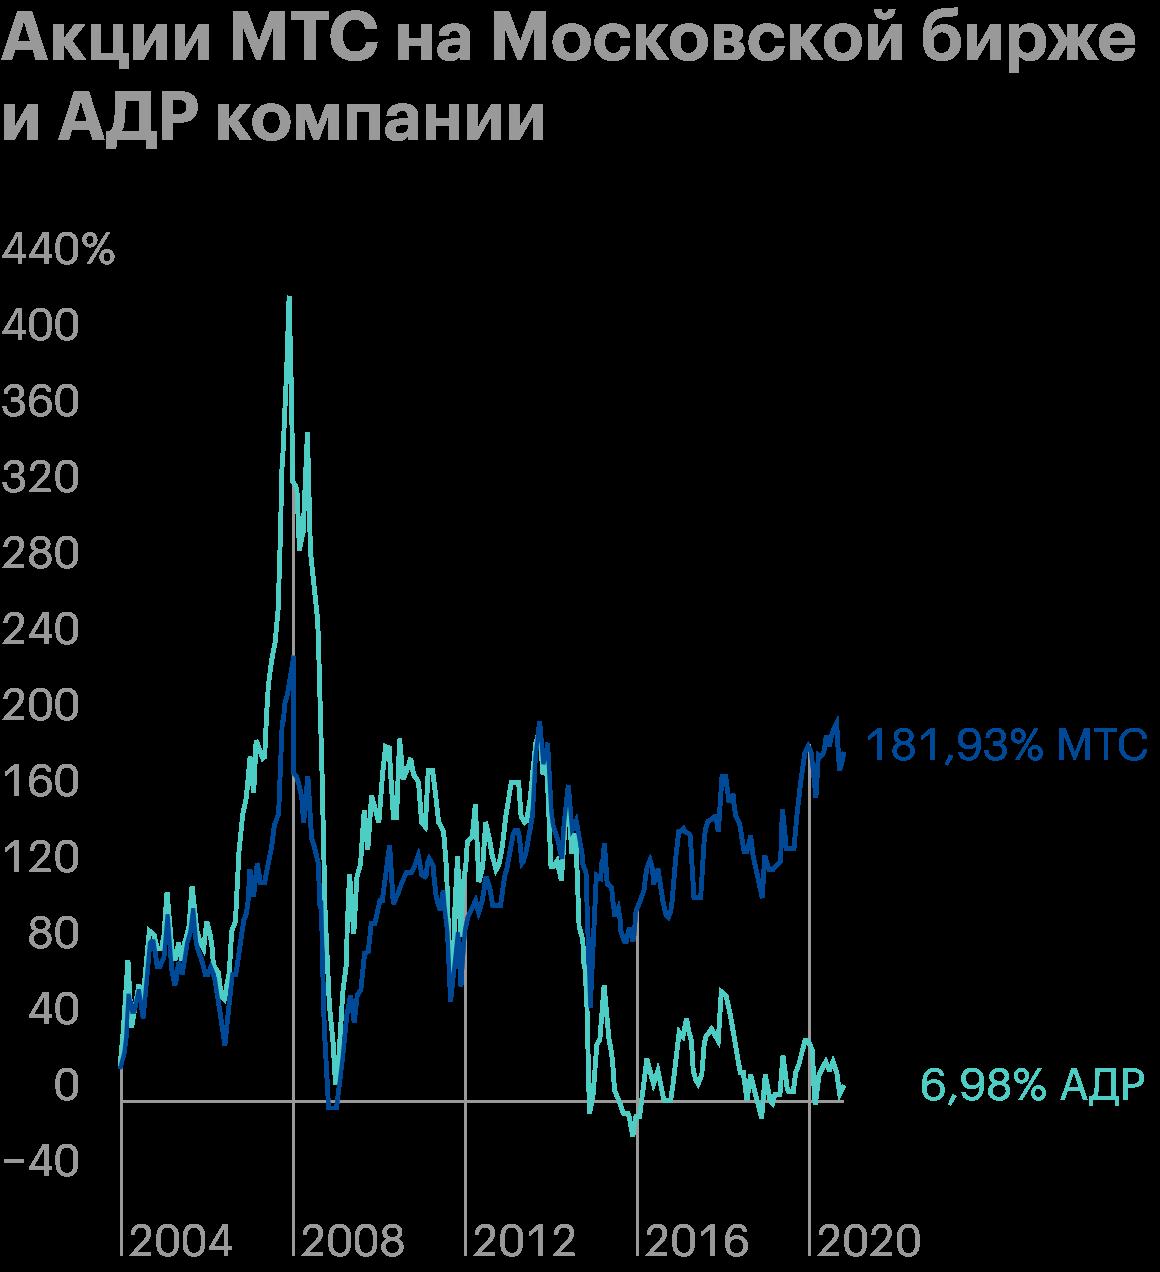 Несмотря на то что акция в рублях показала рост на 180%, в долларах рост составил порядка 7% из-за девальвации российской валюты. Источник: Tradingview